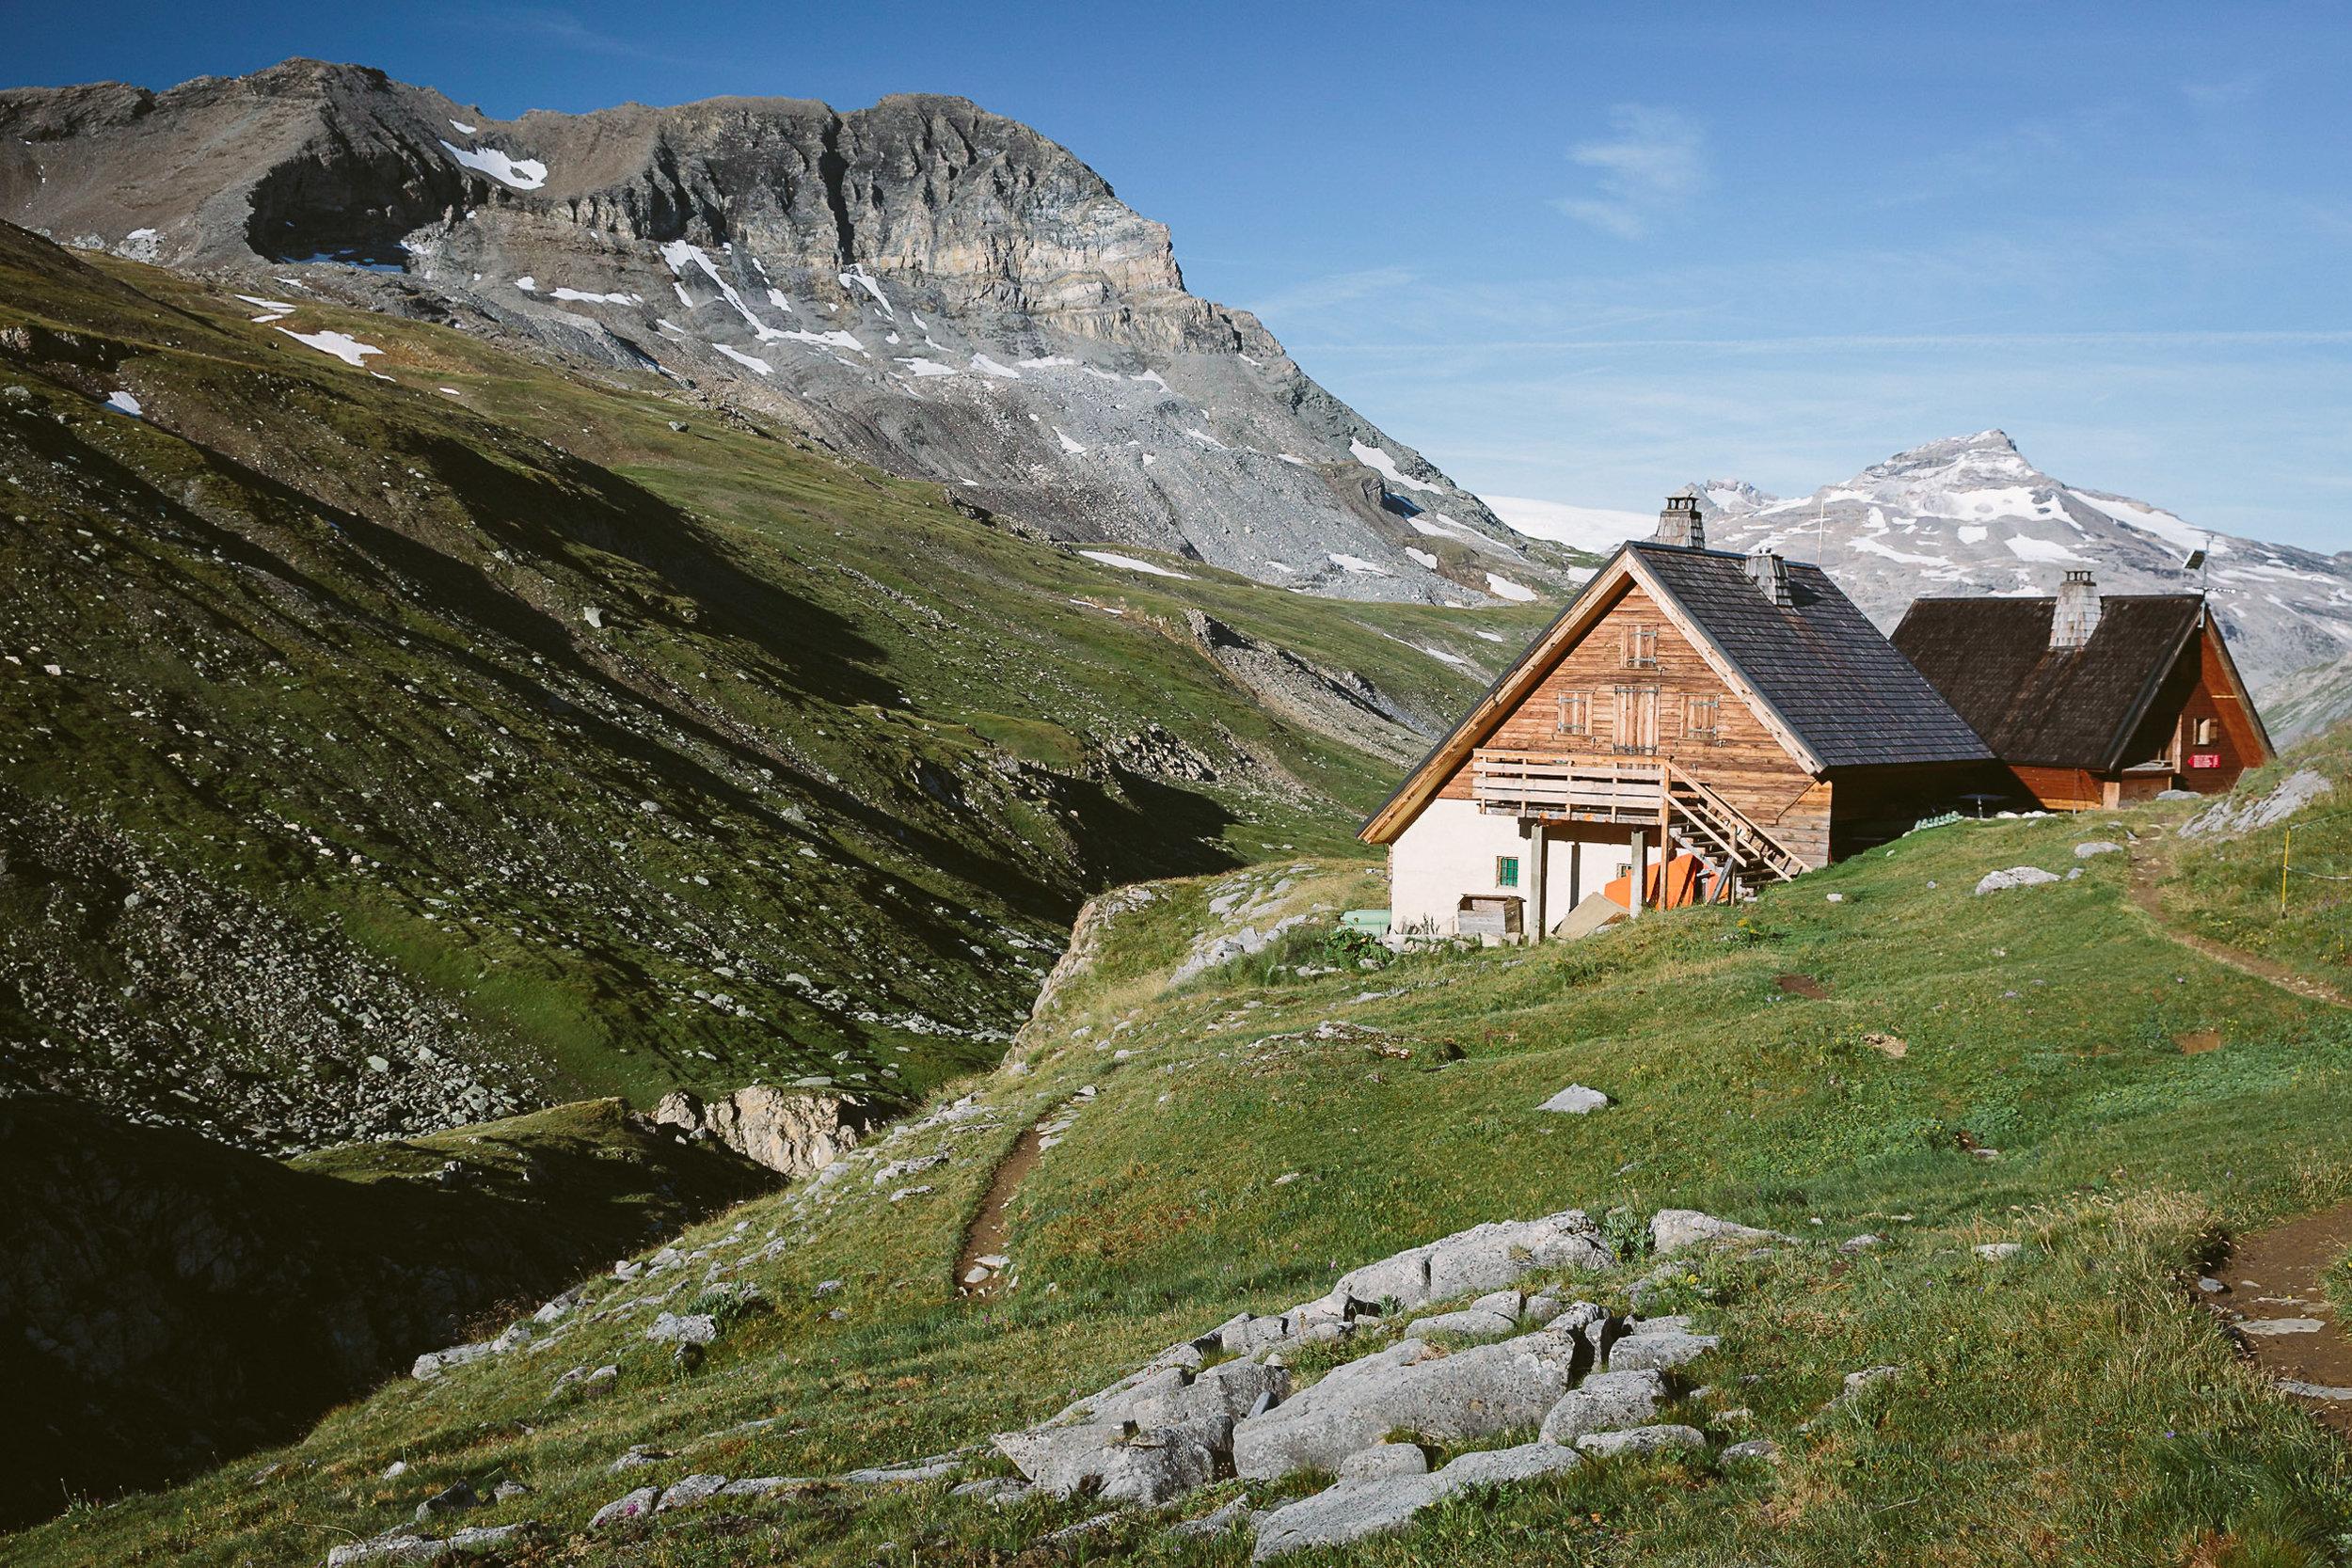 Refuge de la Leisse in the Vanoise